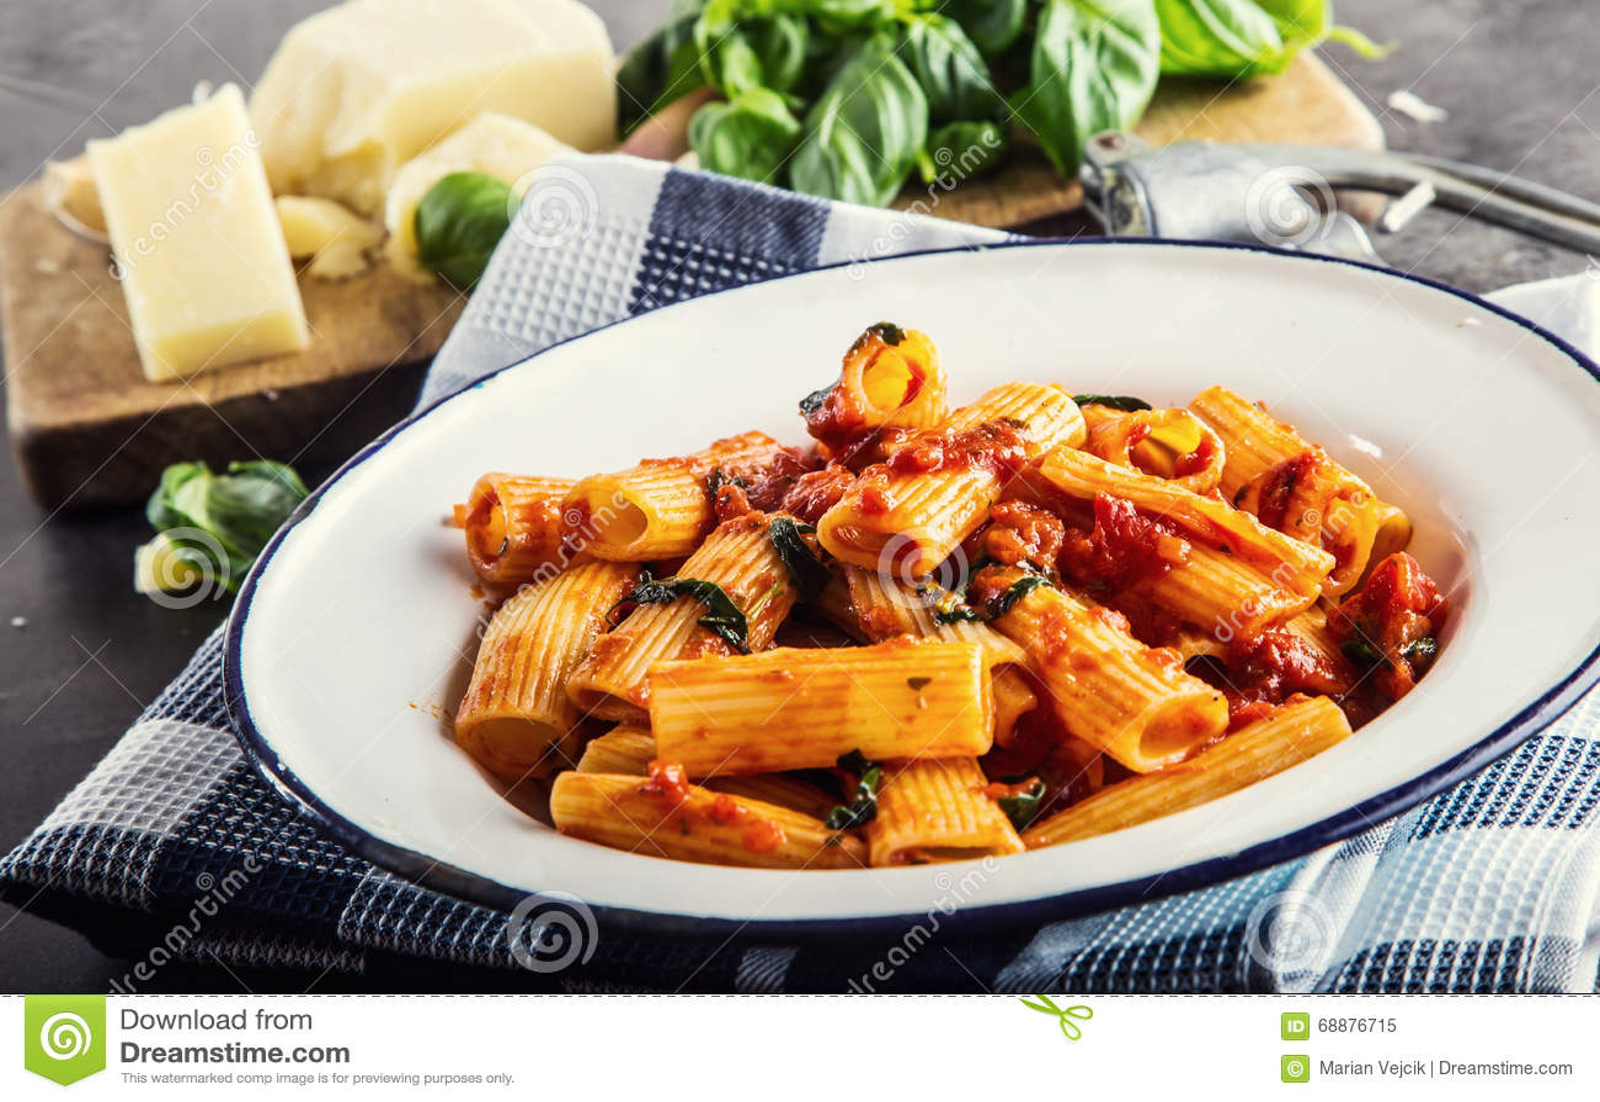 Massa Culinária do italiano e do Mediterrannean A massa Rigatoni com manjericão do molho de tomate sae do alho e do queijo parmes